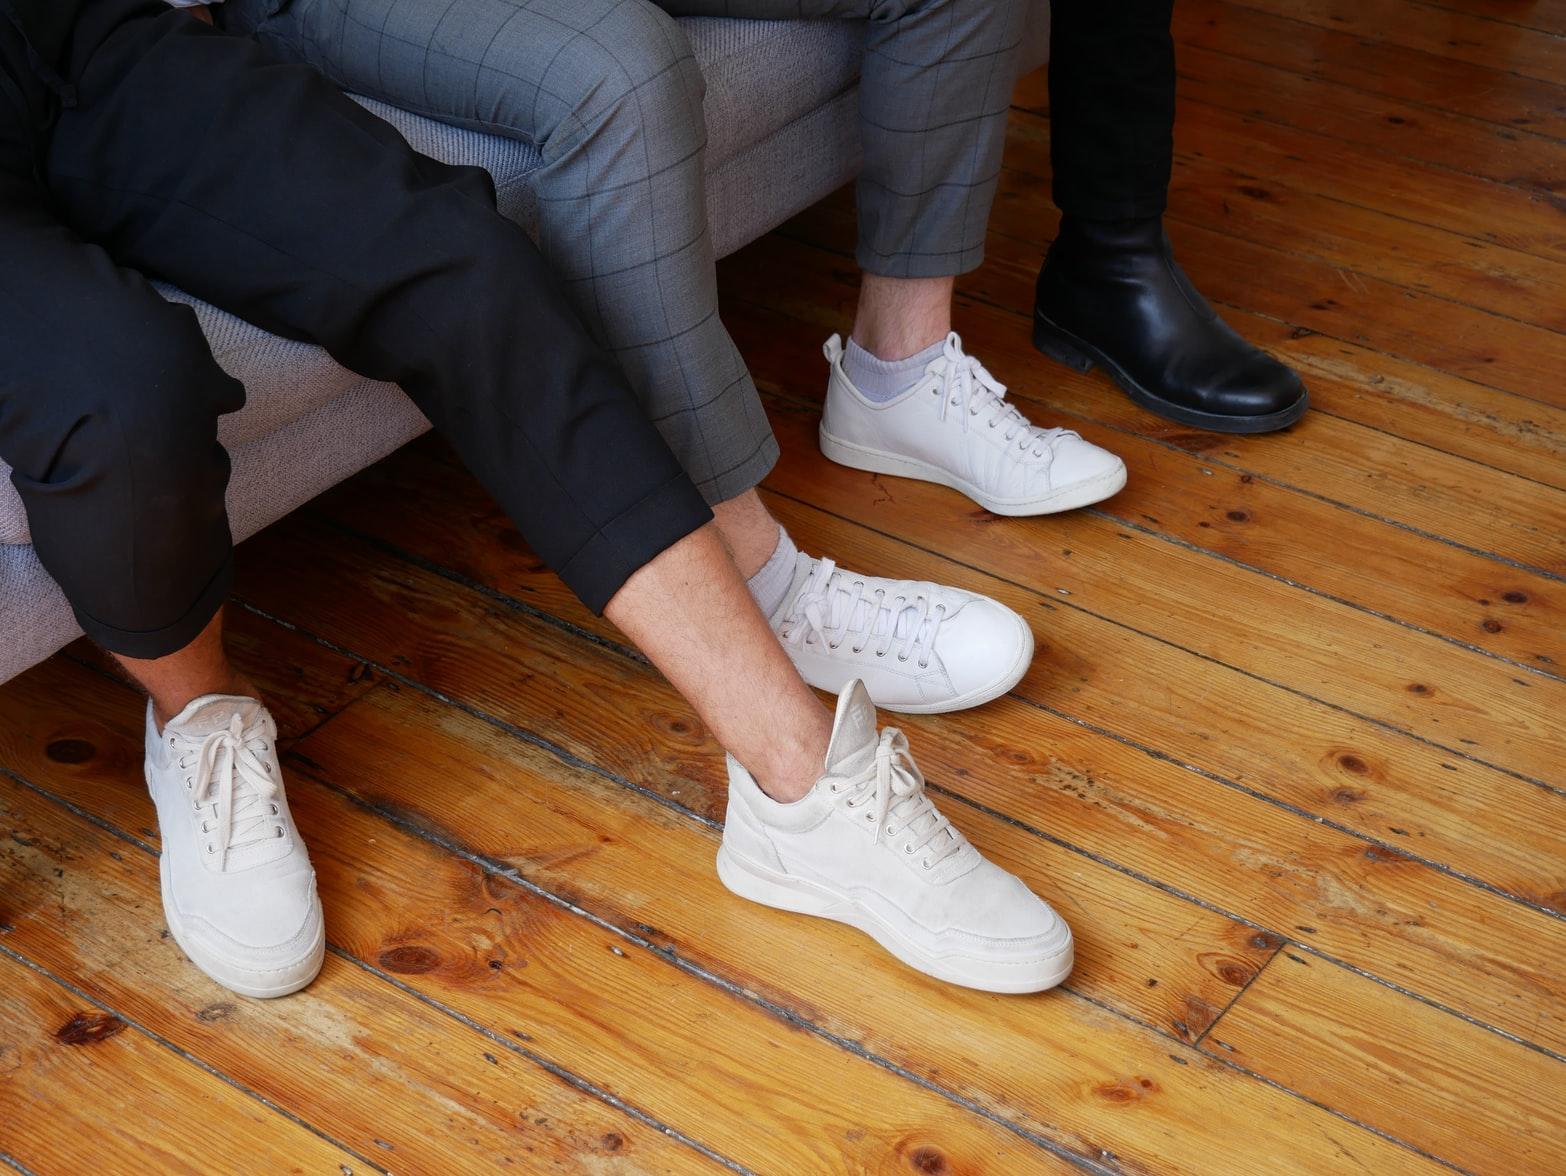 nieuwe schoenen pijn